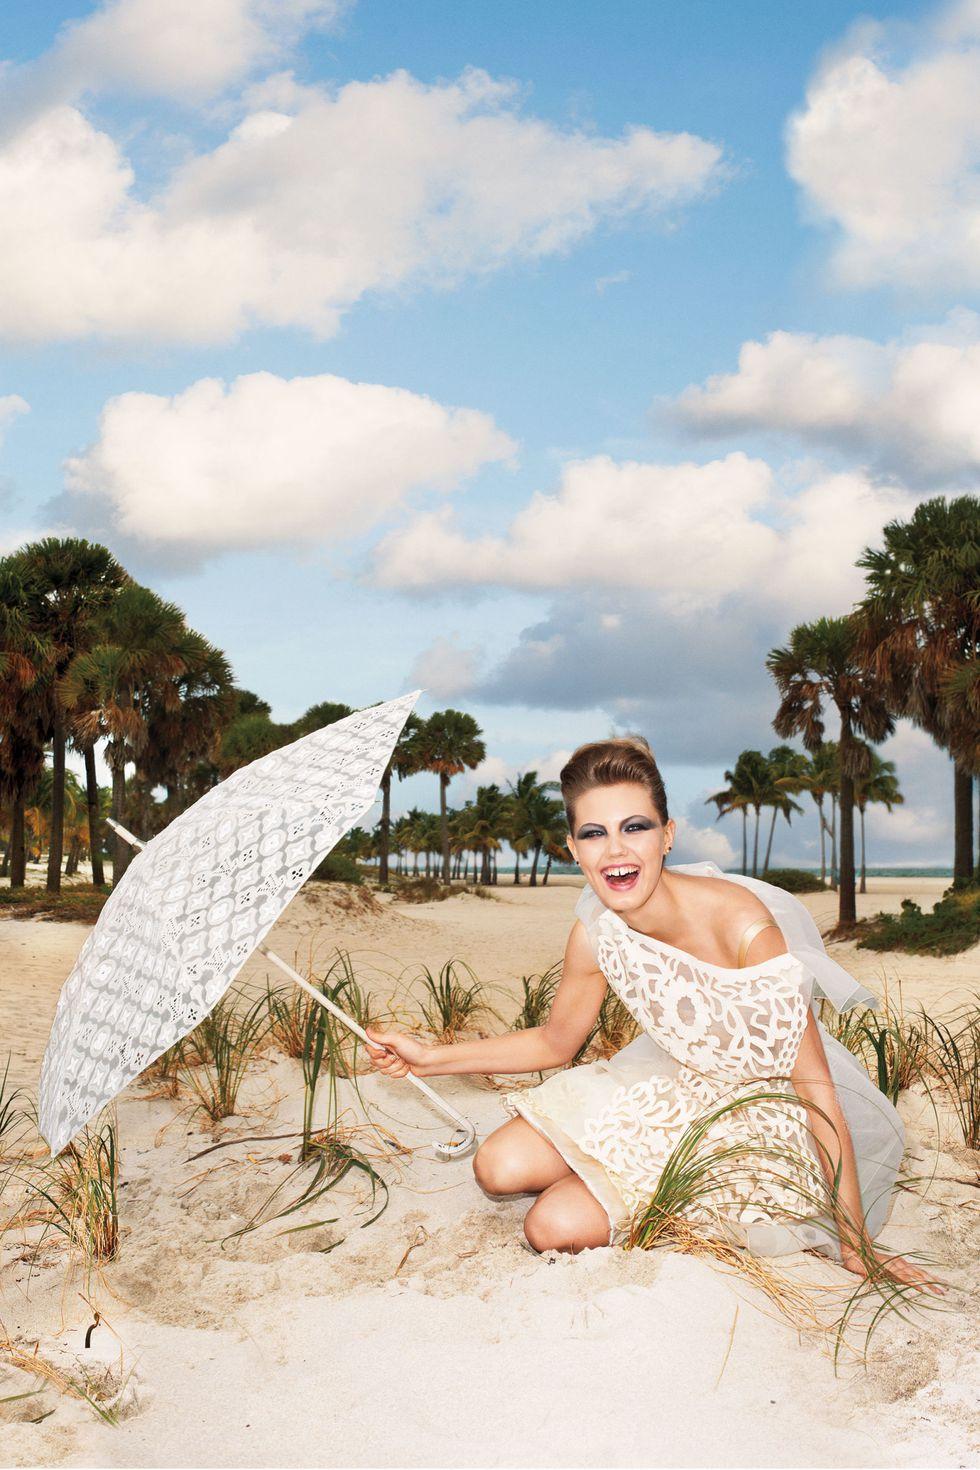 Lindsey Wixon foghézagos modellt is imádják a tervezők.